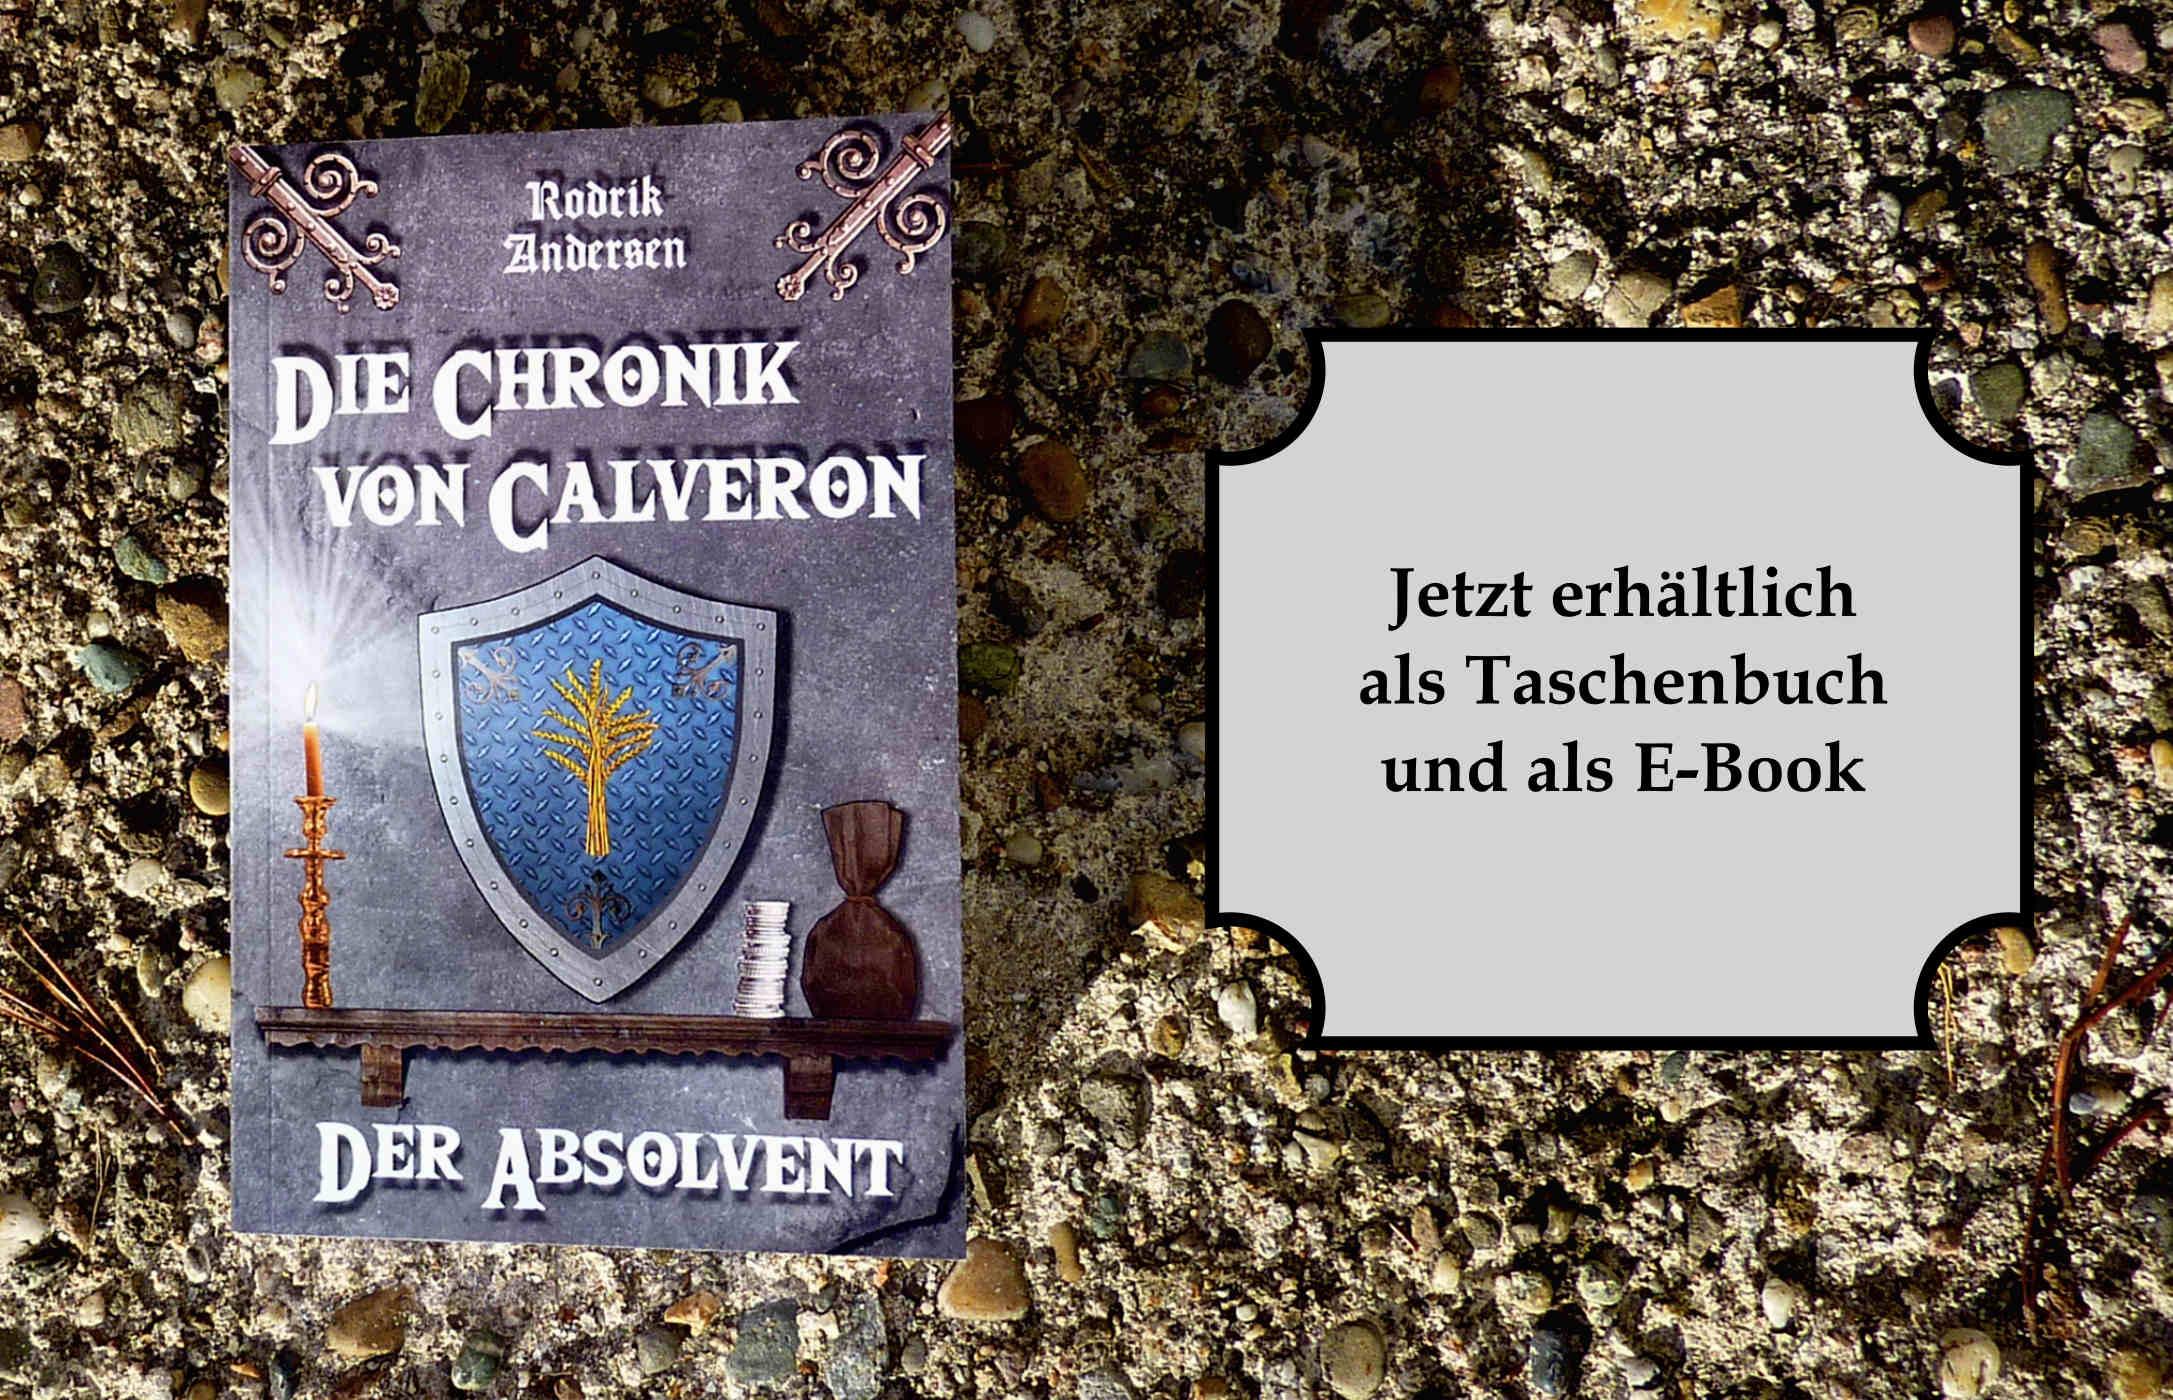 Die Chronik von Calveron - jetzt erhältlich als Taschenbuch und E-Book